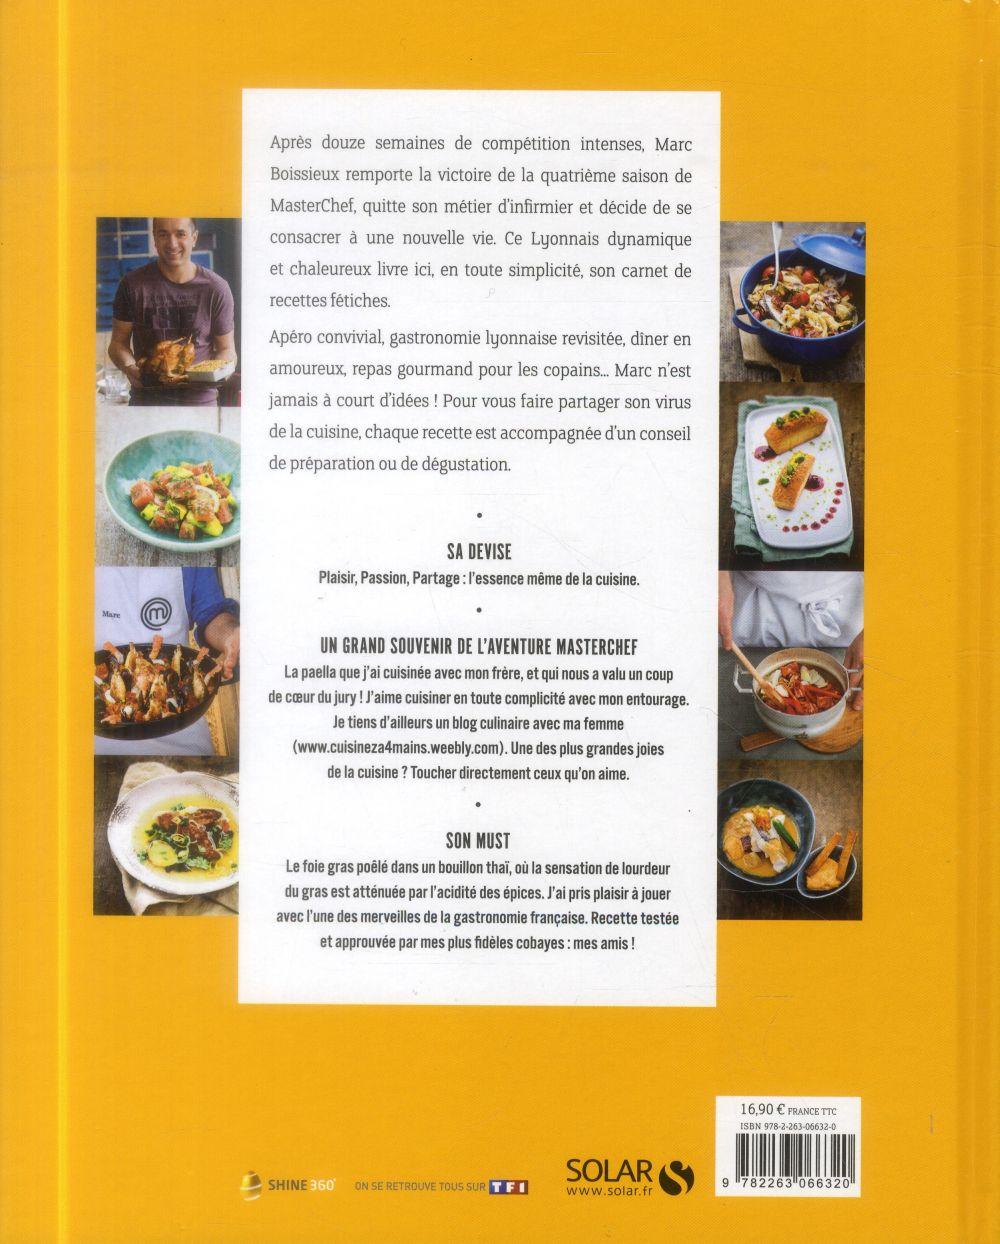 MASTERCHEF ; les recettes du gagnant saison 4 ; Marc Boissieux